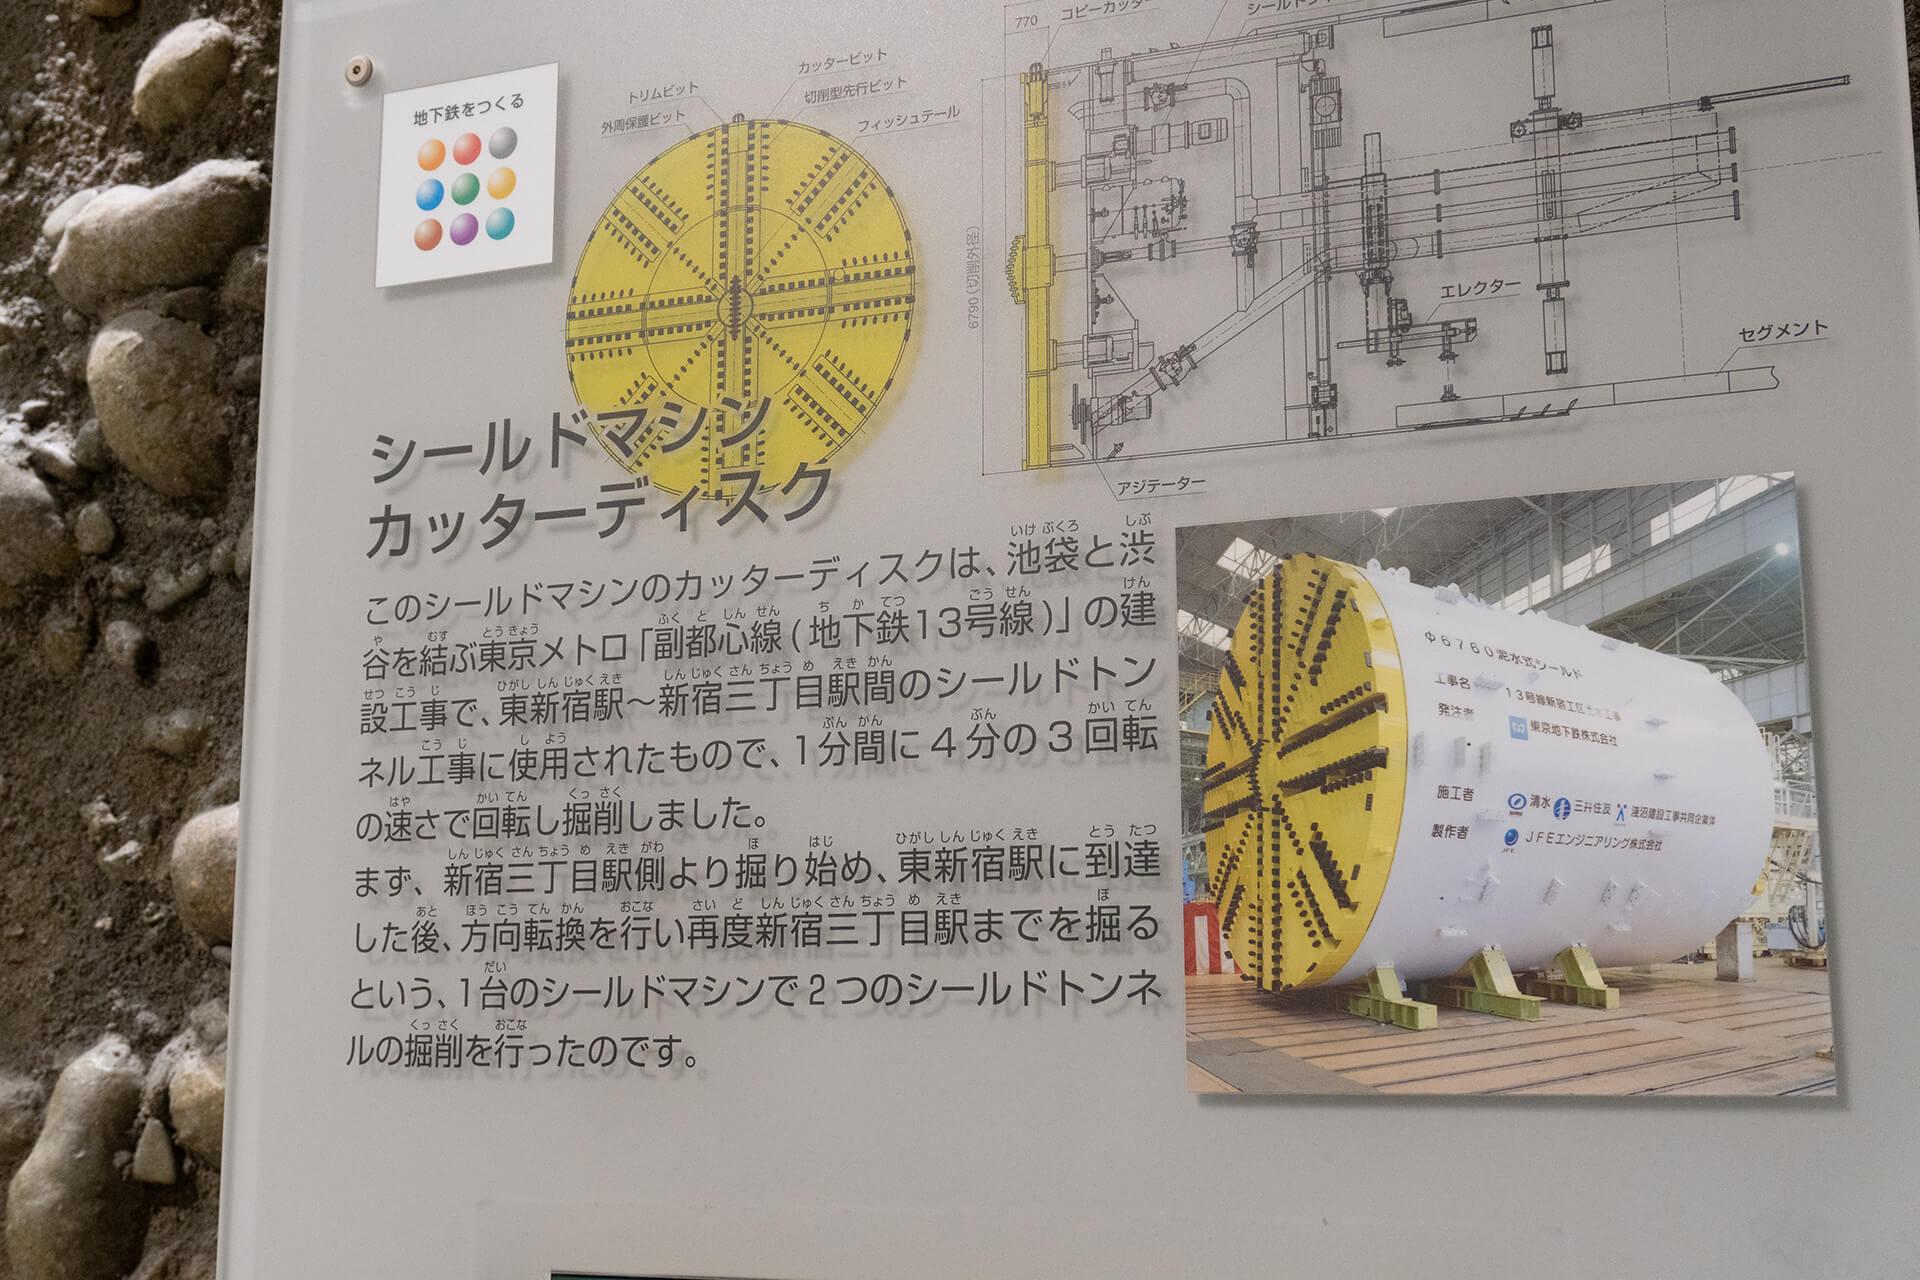 地下鉄博物館案内板